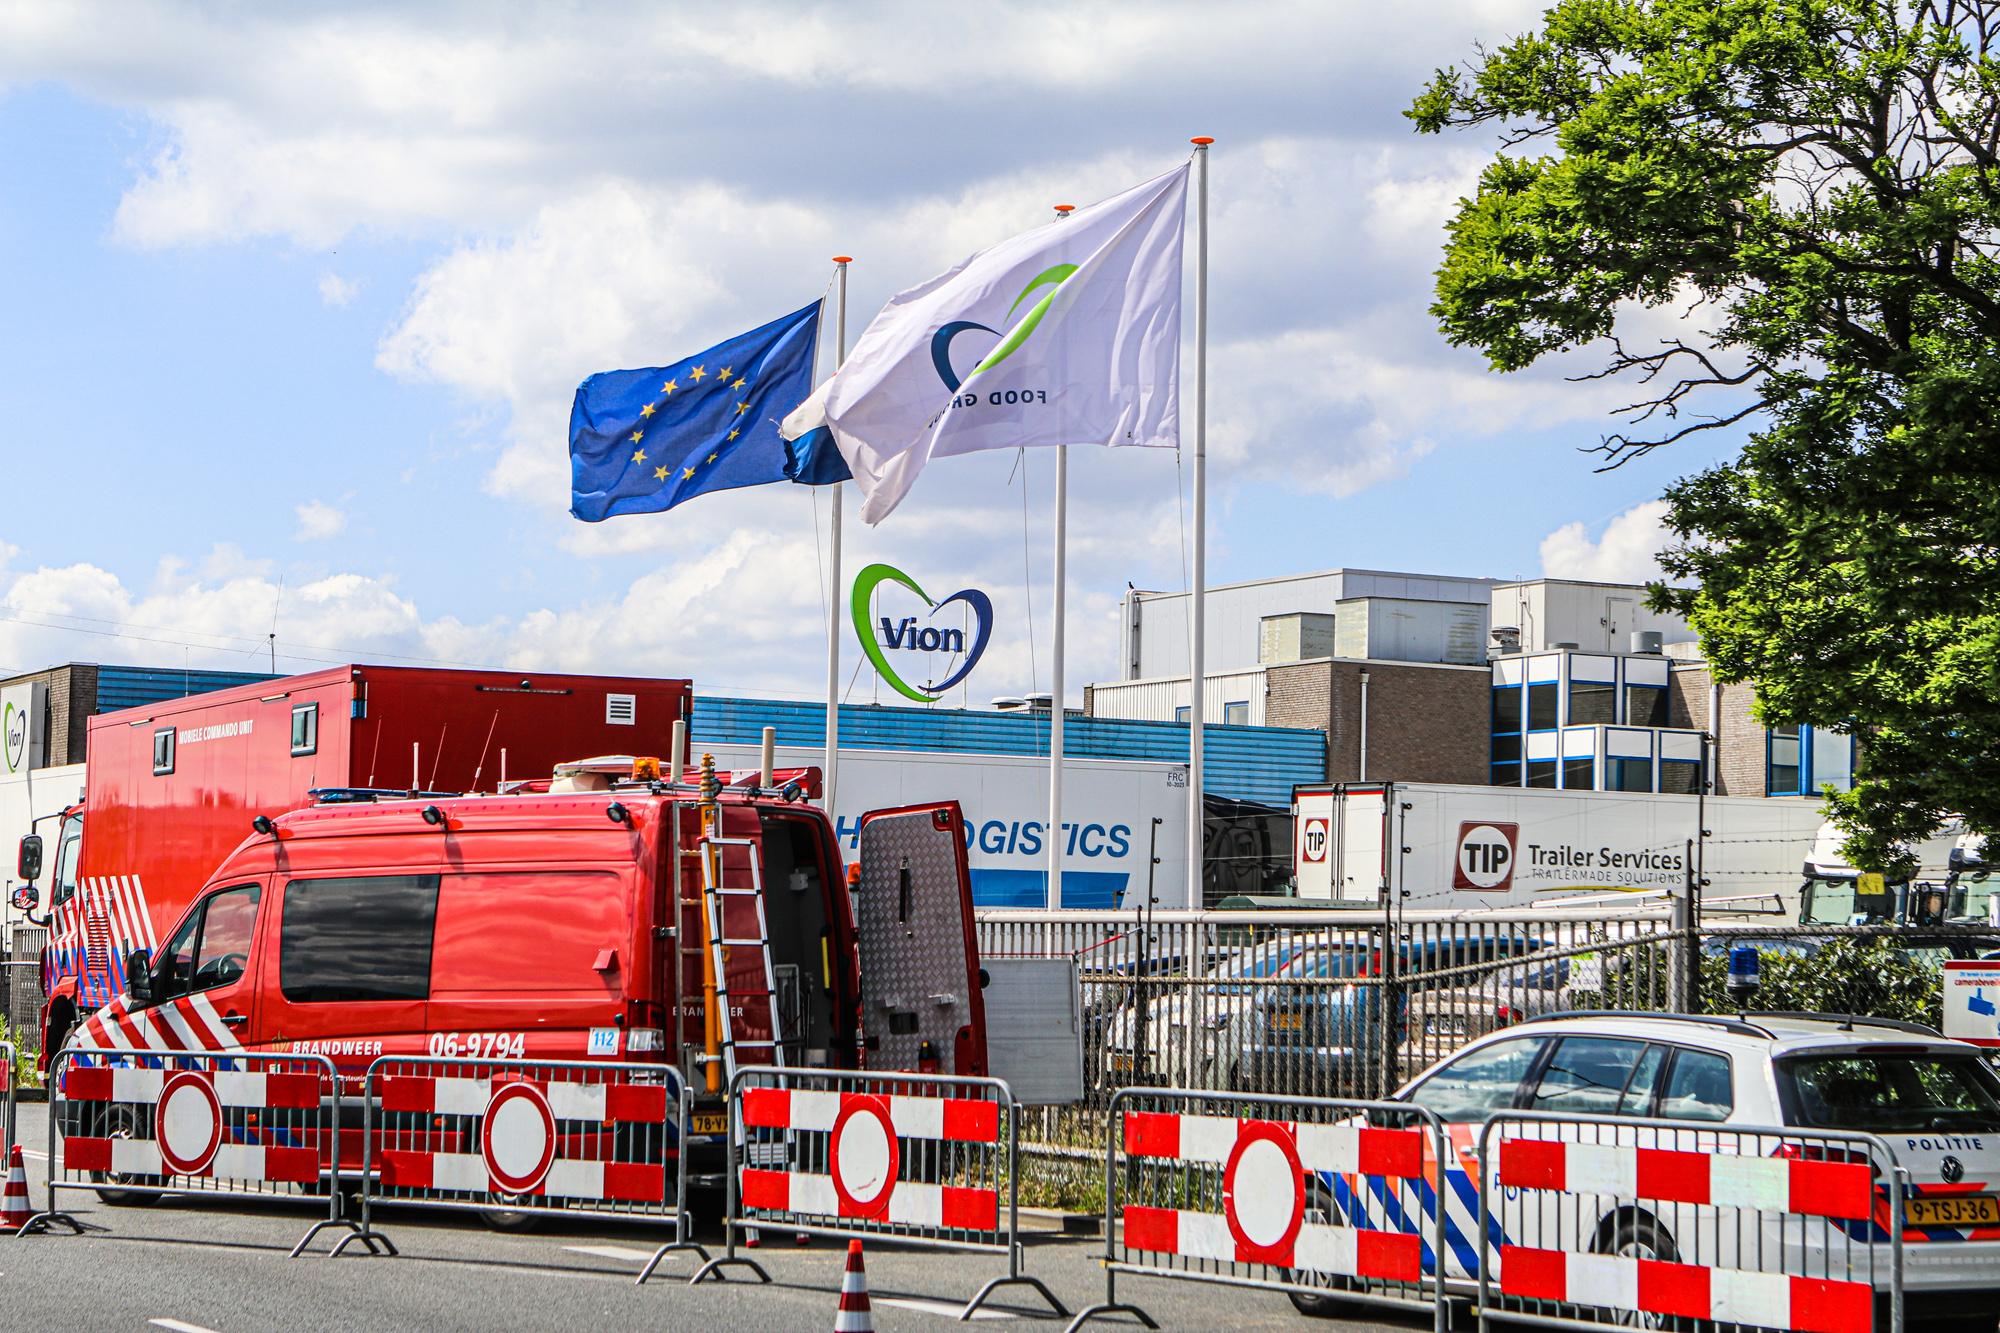 Een foto van Vleesbedrijf Vion afgesloten met hekken en rode borden, een politieauto en brandweerauto staan in beeld.